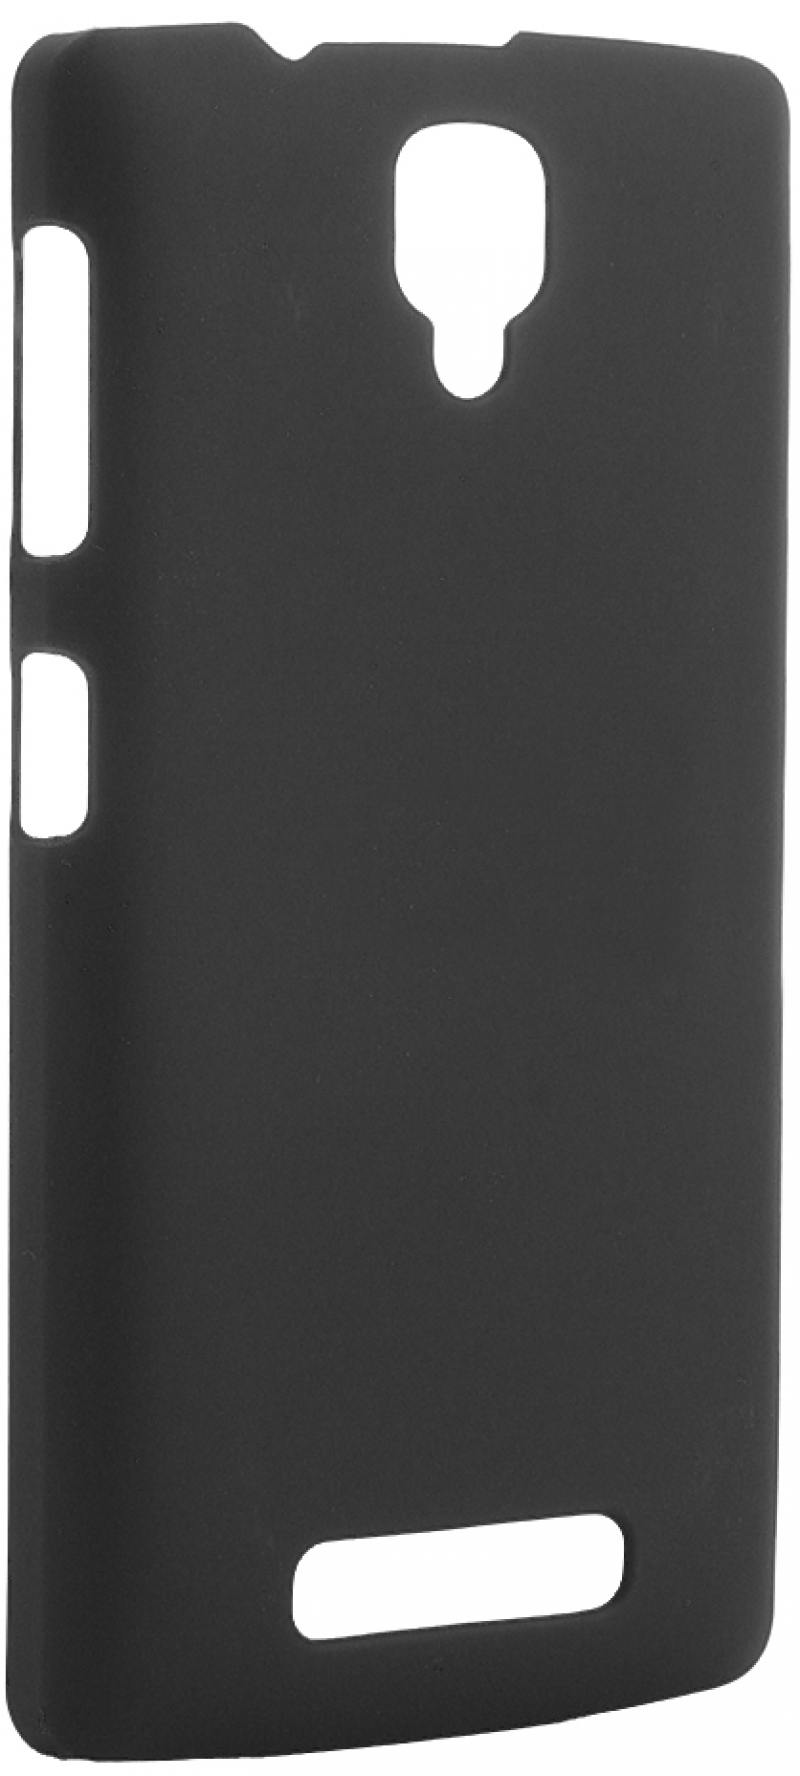 Чехол-накладка Pulsar CLIPCASE PC Soft-Touch для Lenovo A1000 (черная) стоимость